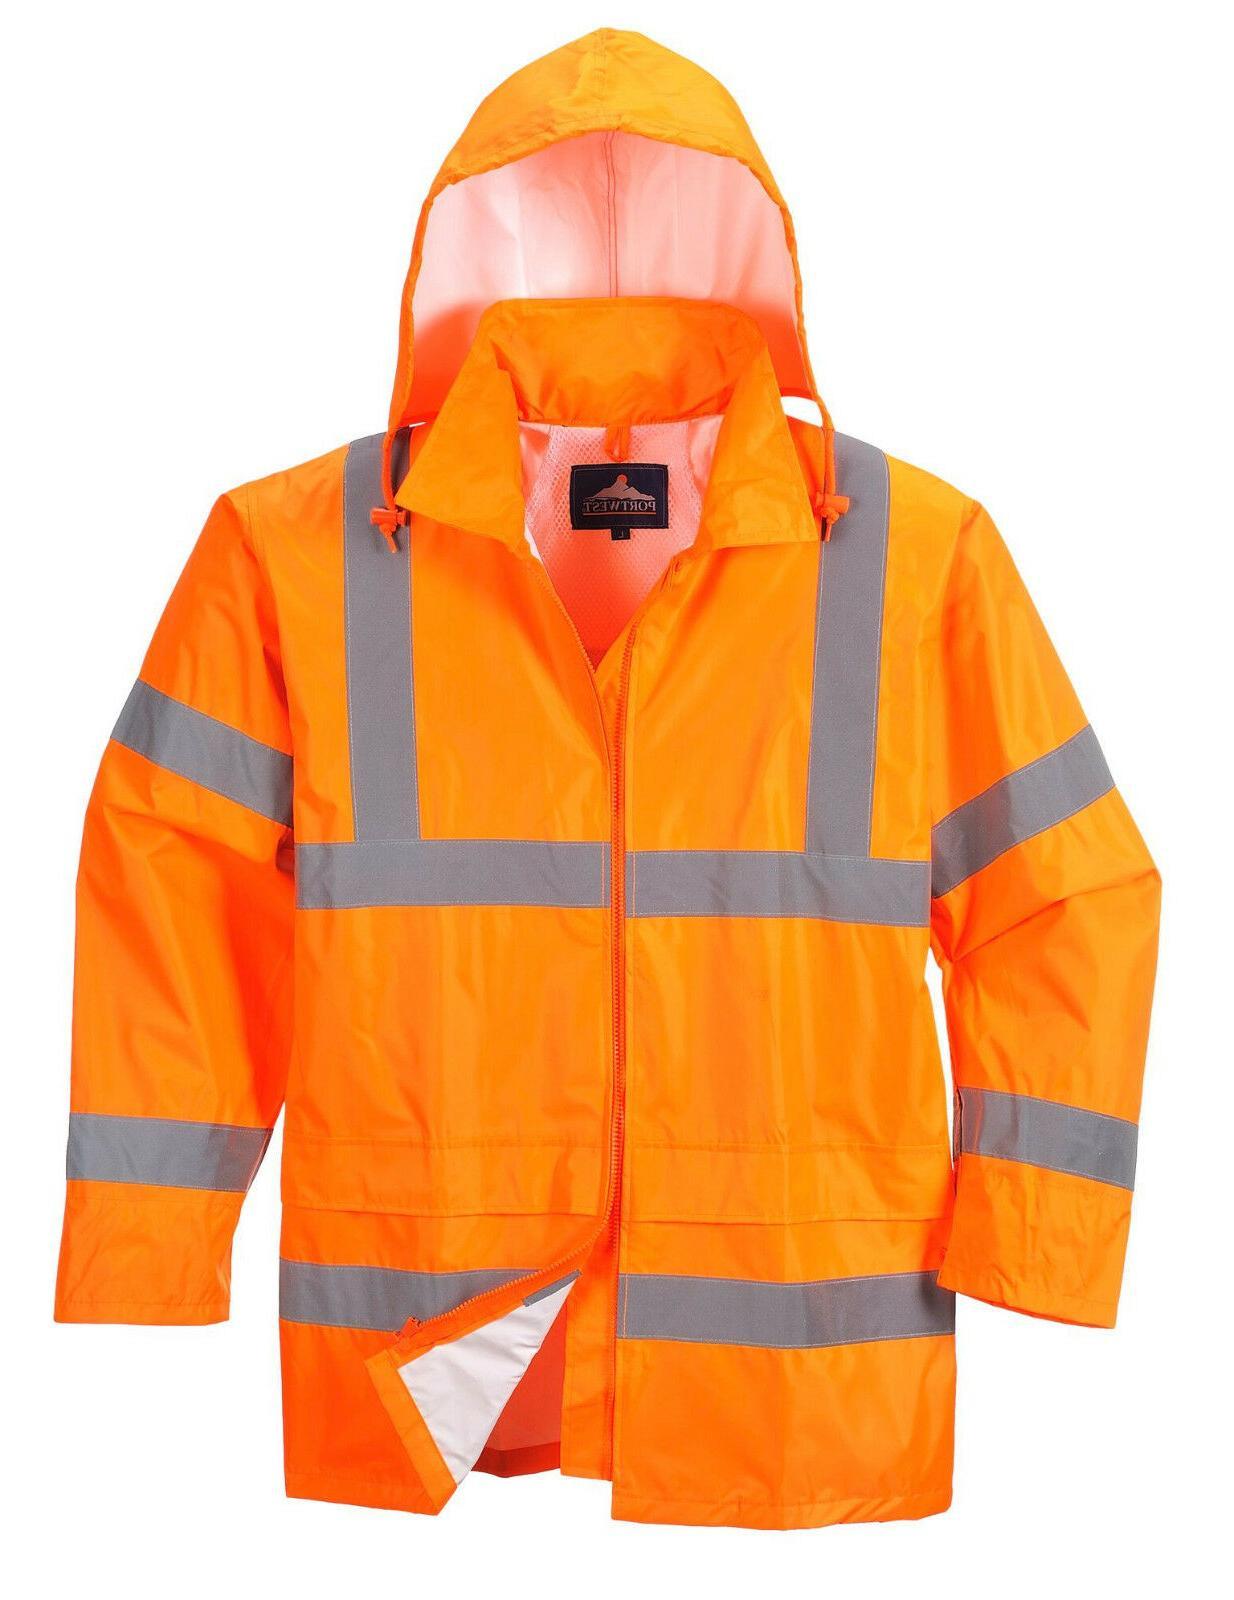 Safety Jacket Green Hi-Vis Raincoat